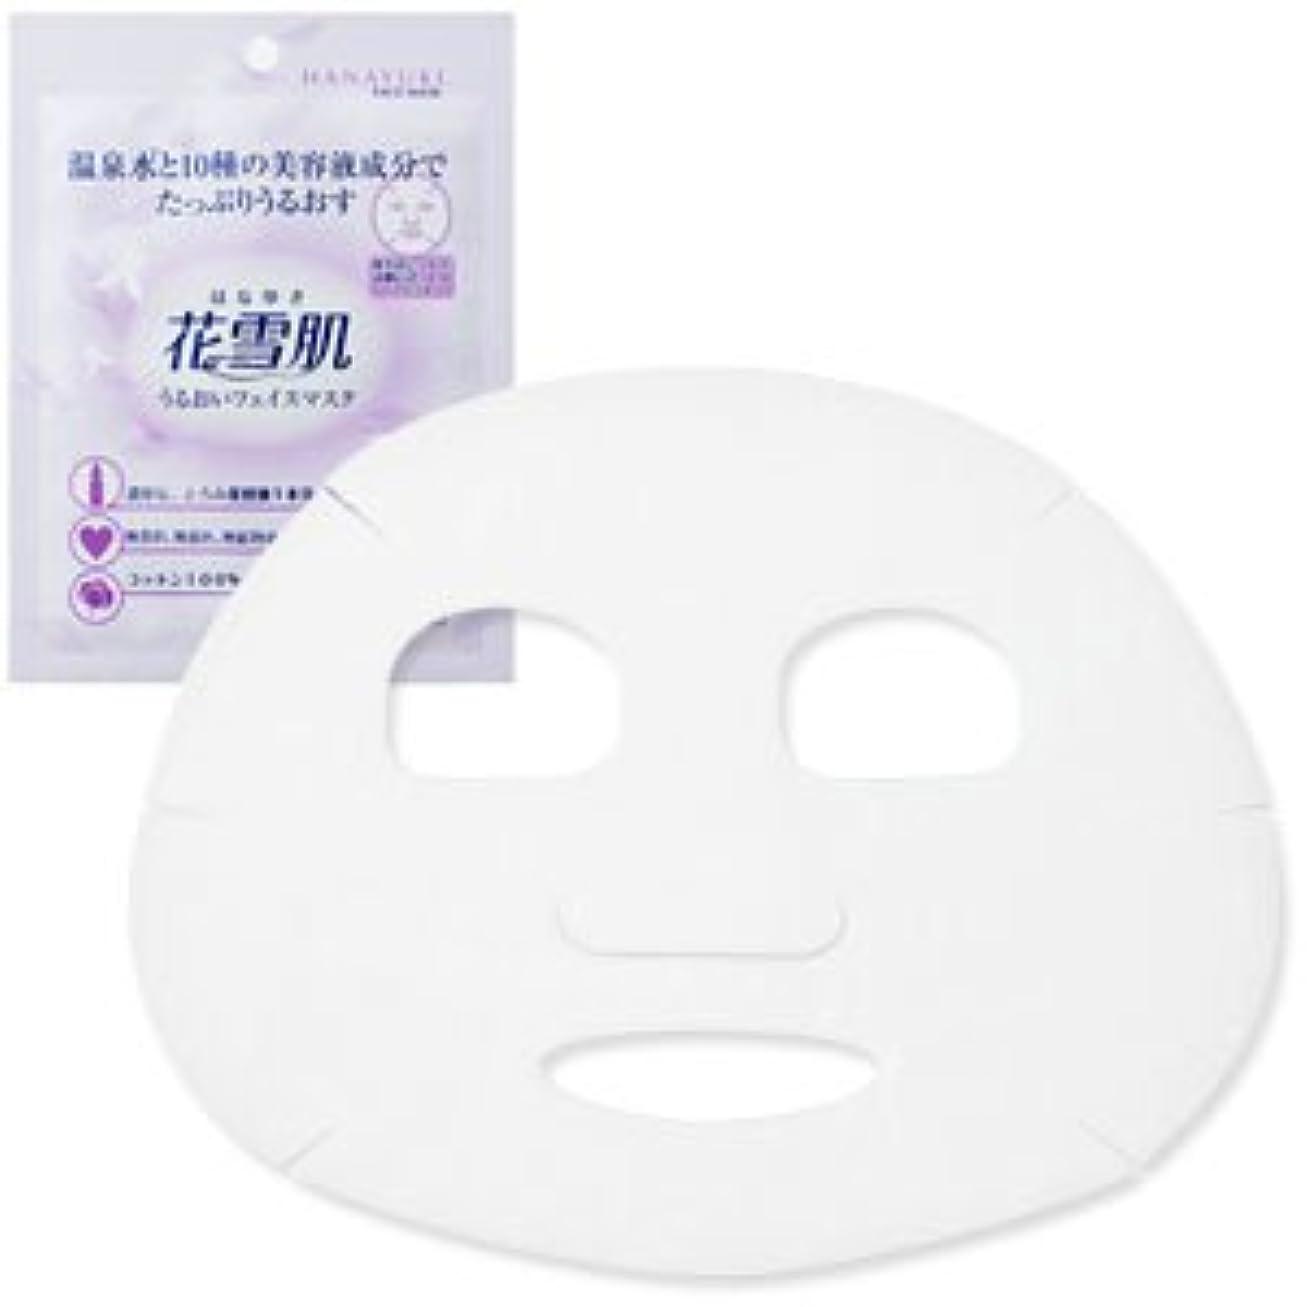 外交問題マチュピチュ比較的花雪肌 うるおいフェイスマスク 10枚セット [10種類の美容液成分を配合] ヒアルロン酸 コラーゲン フェイスパック